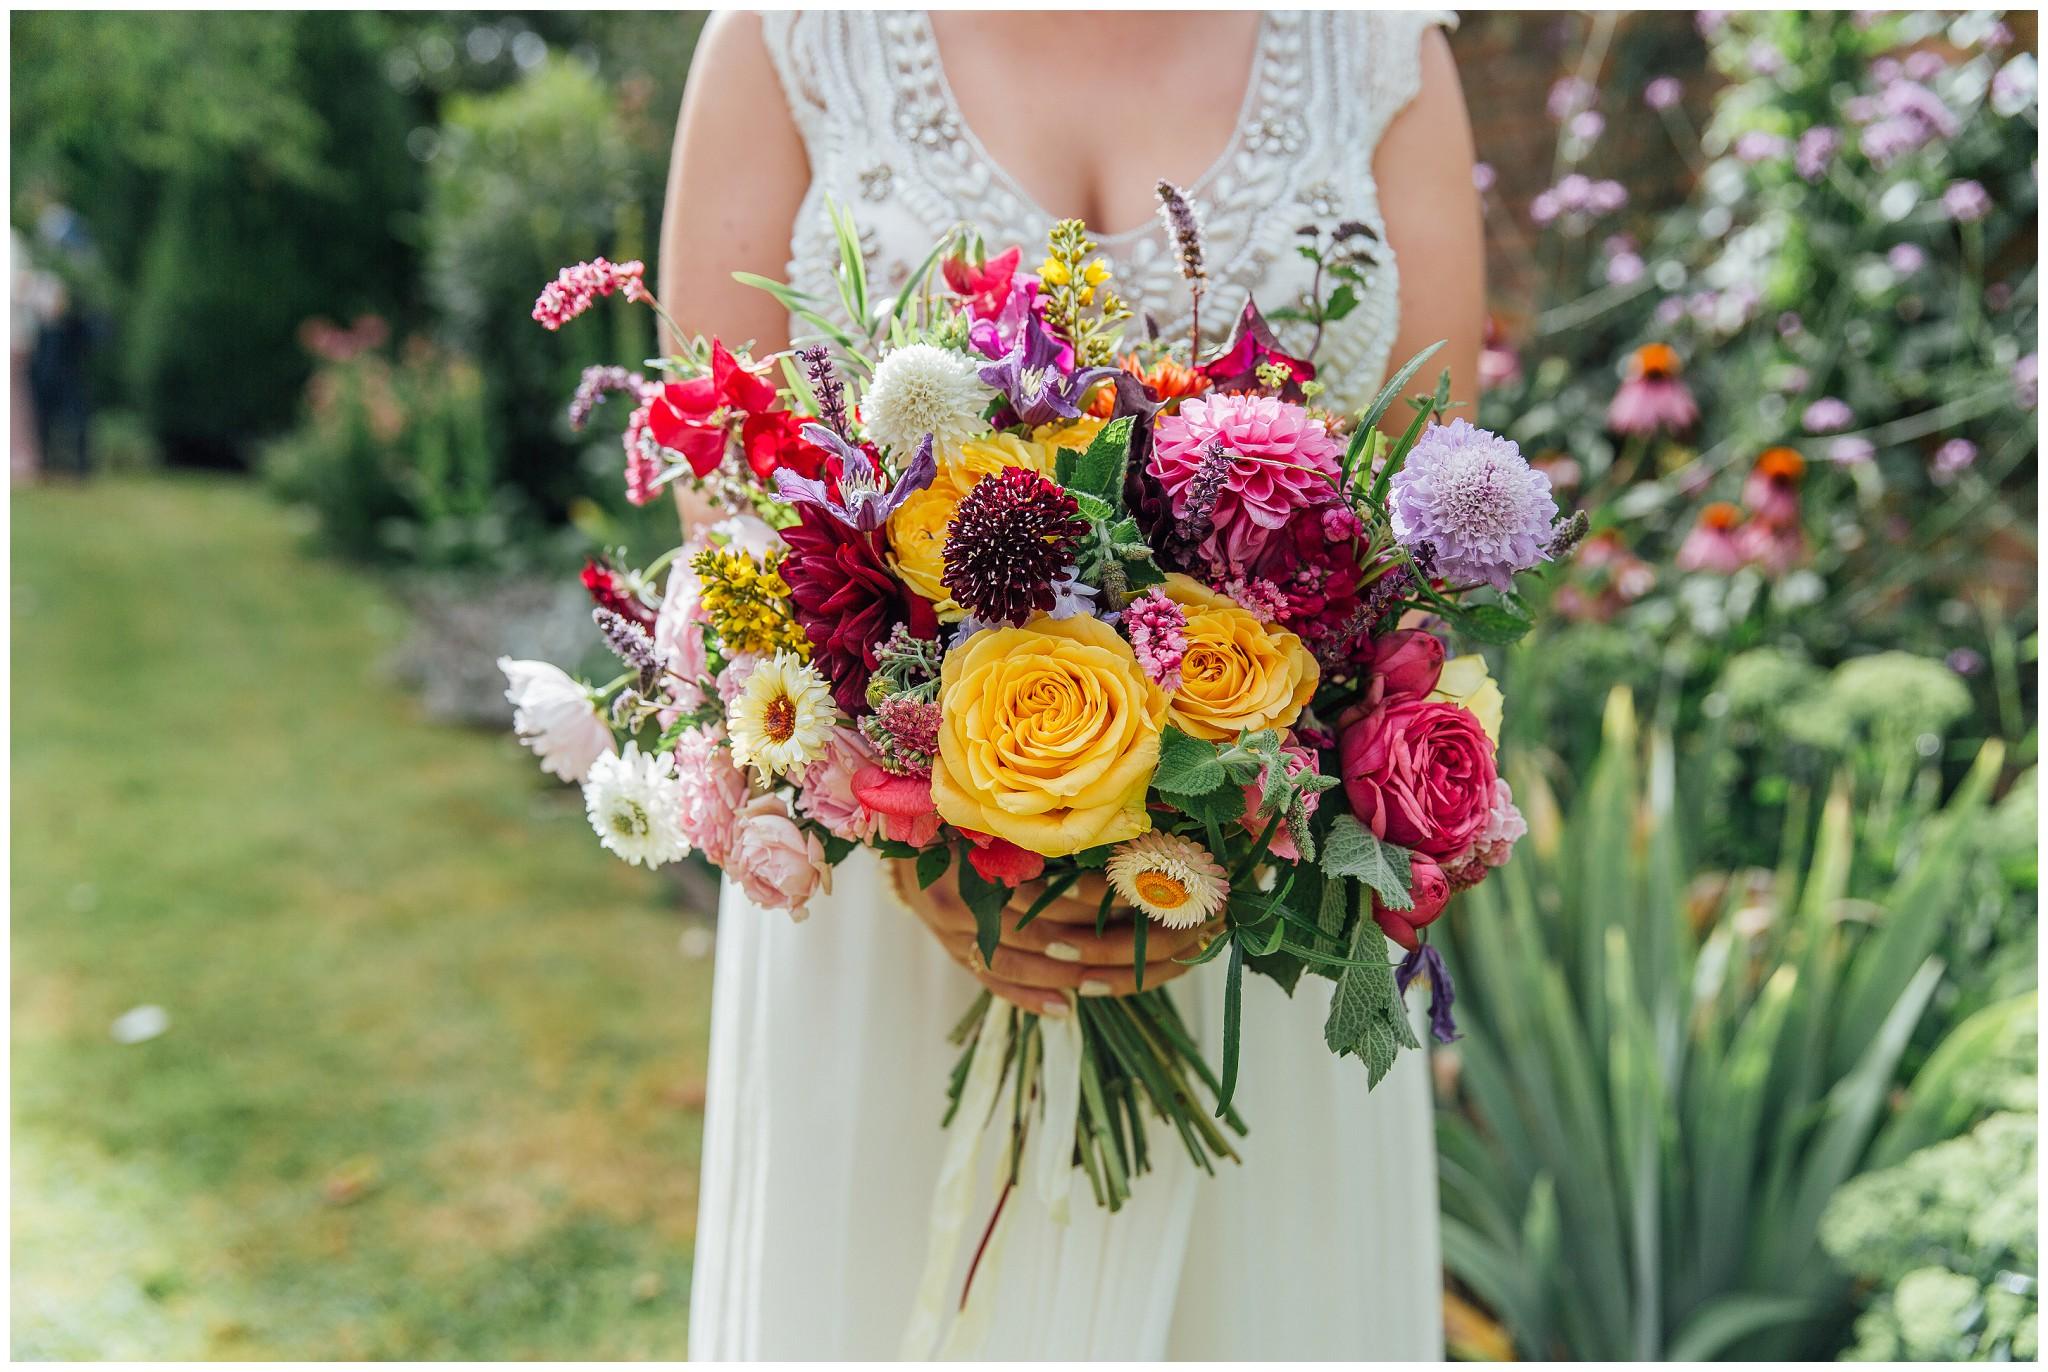 Colourful rustic bride bouquet